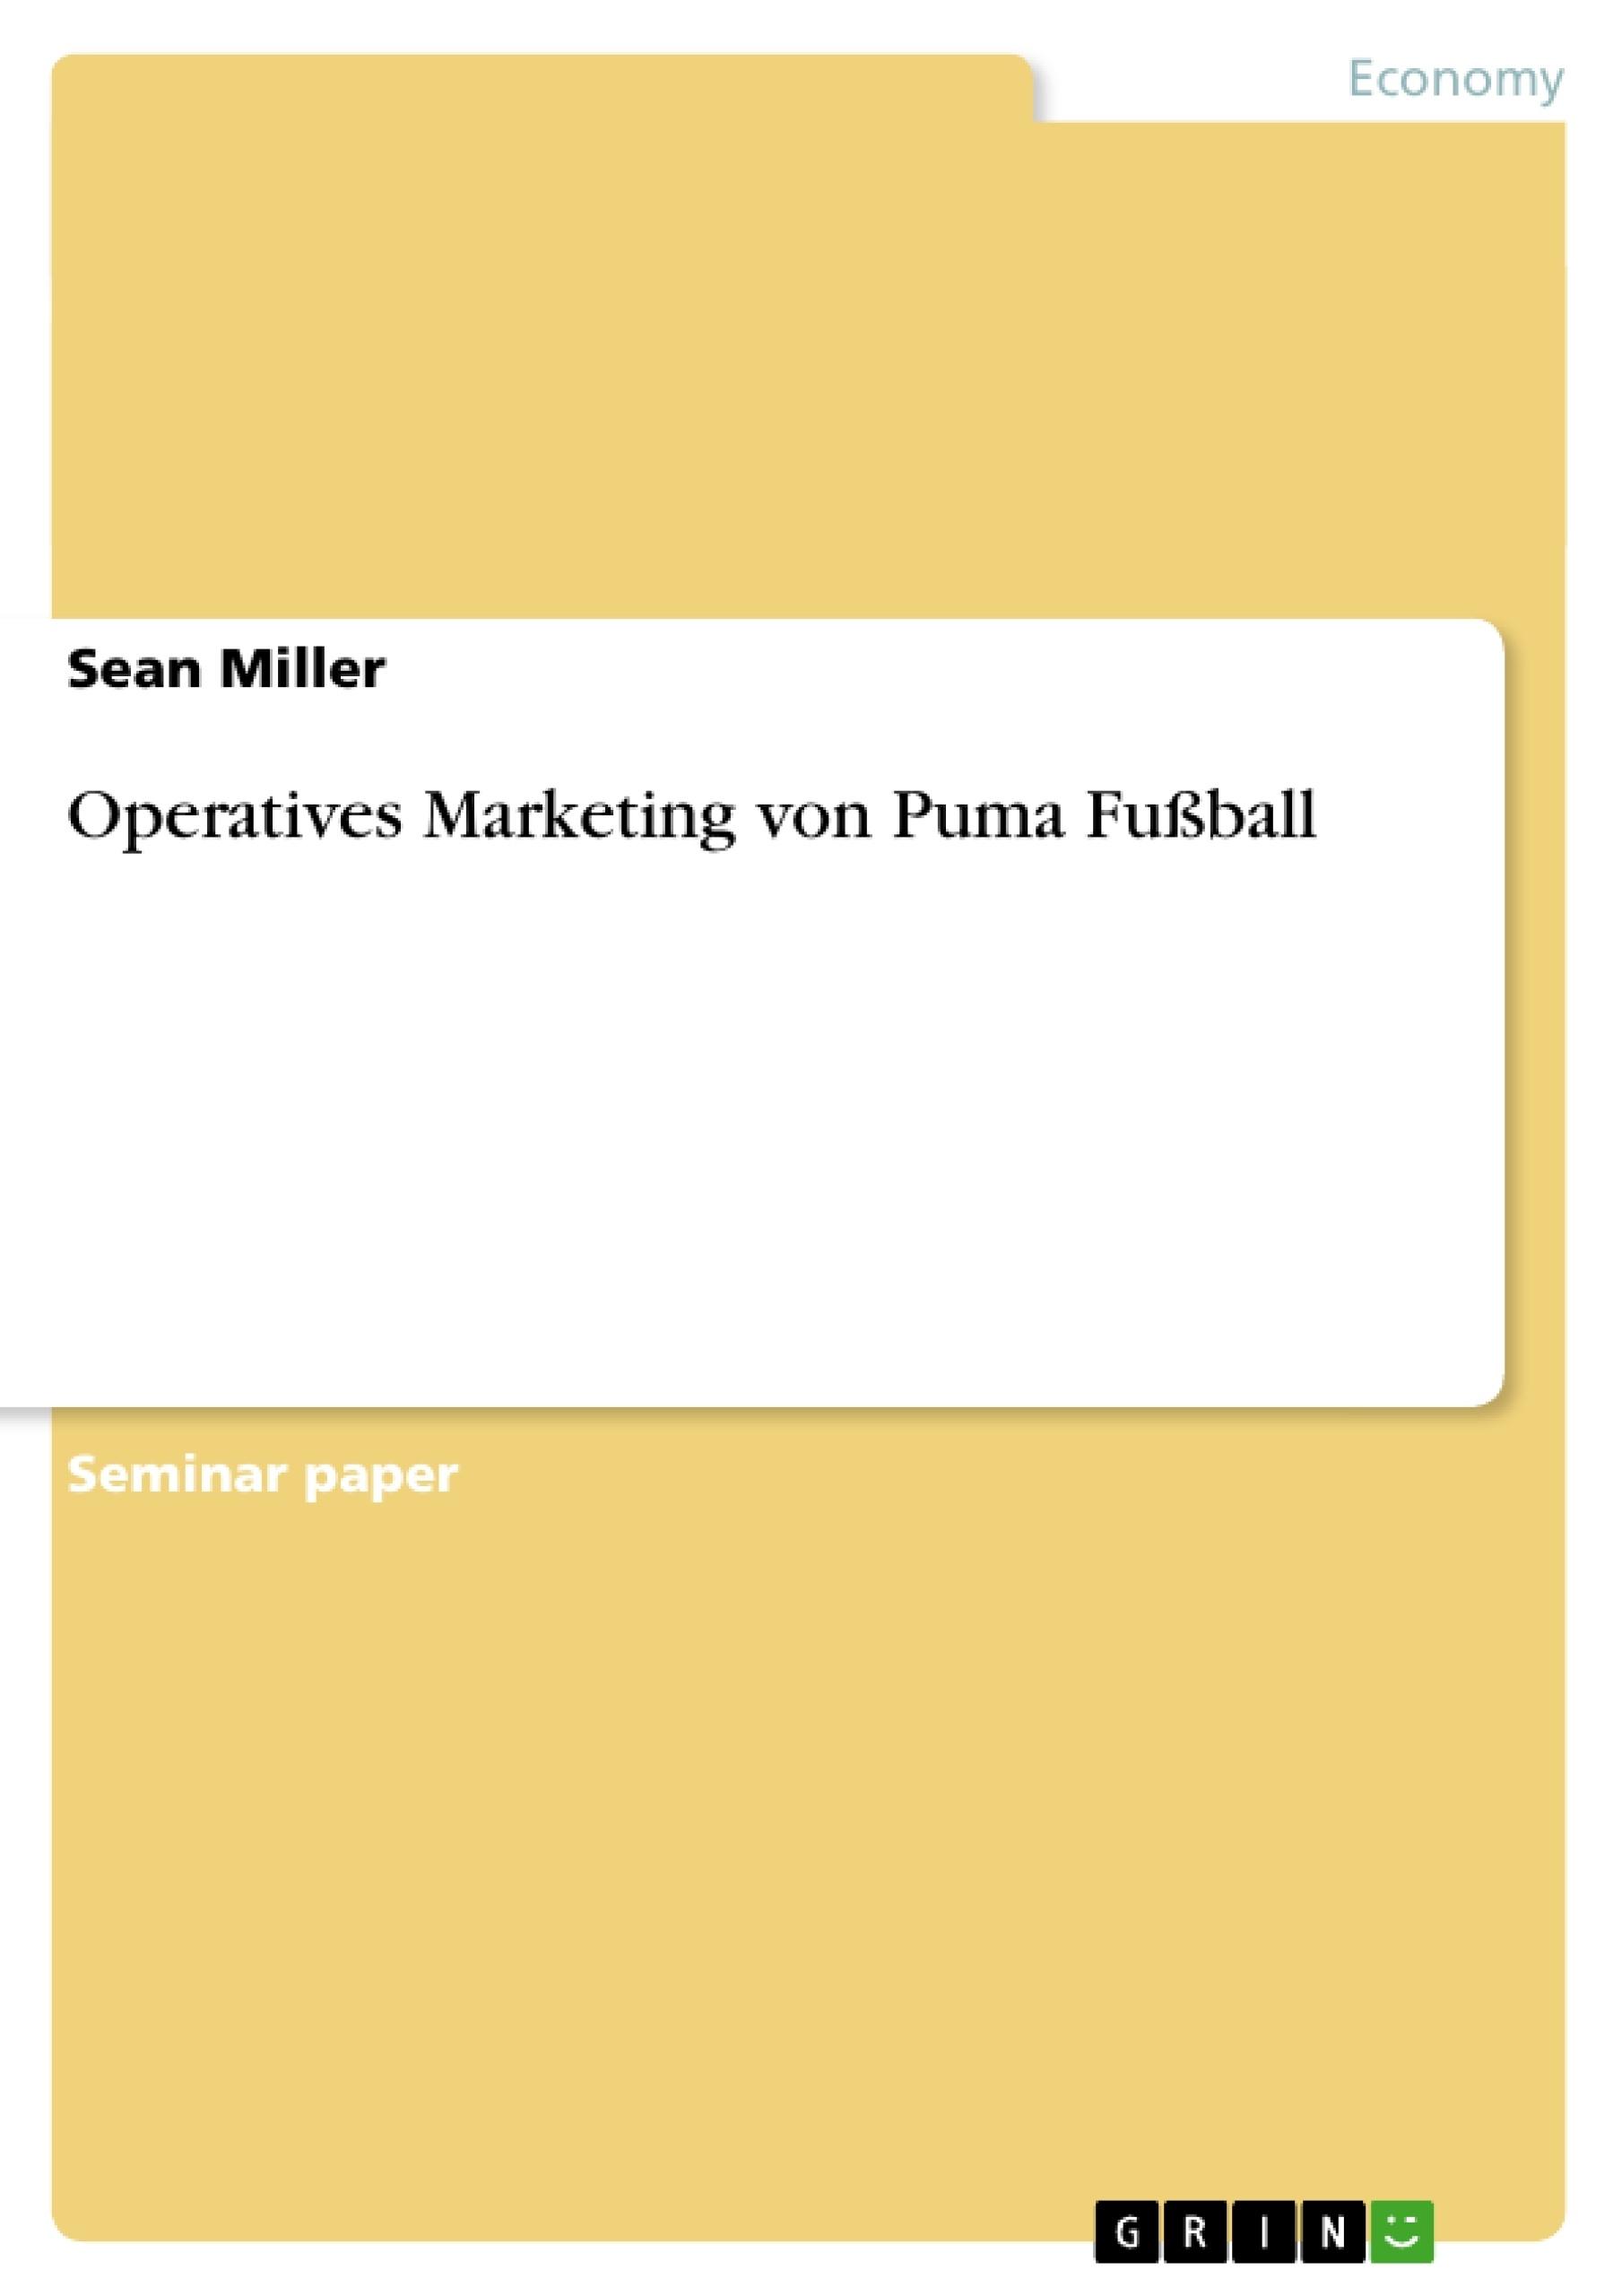 Title: Operatives Marketing von Puma Fußball